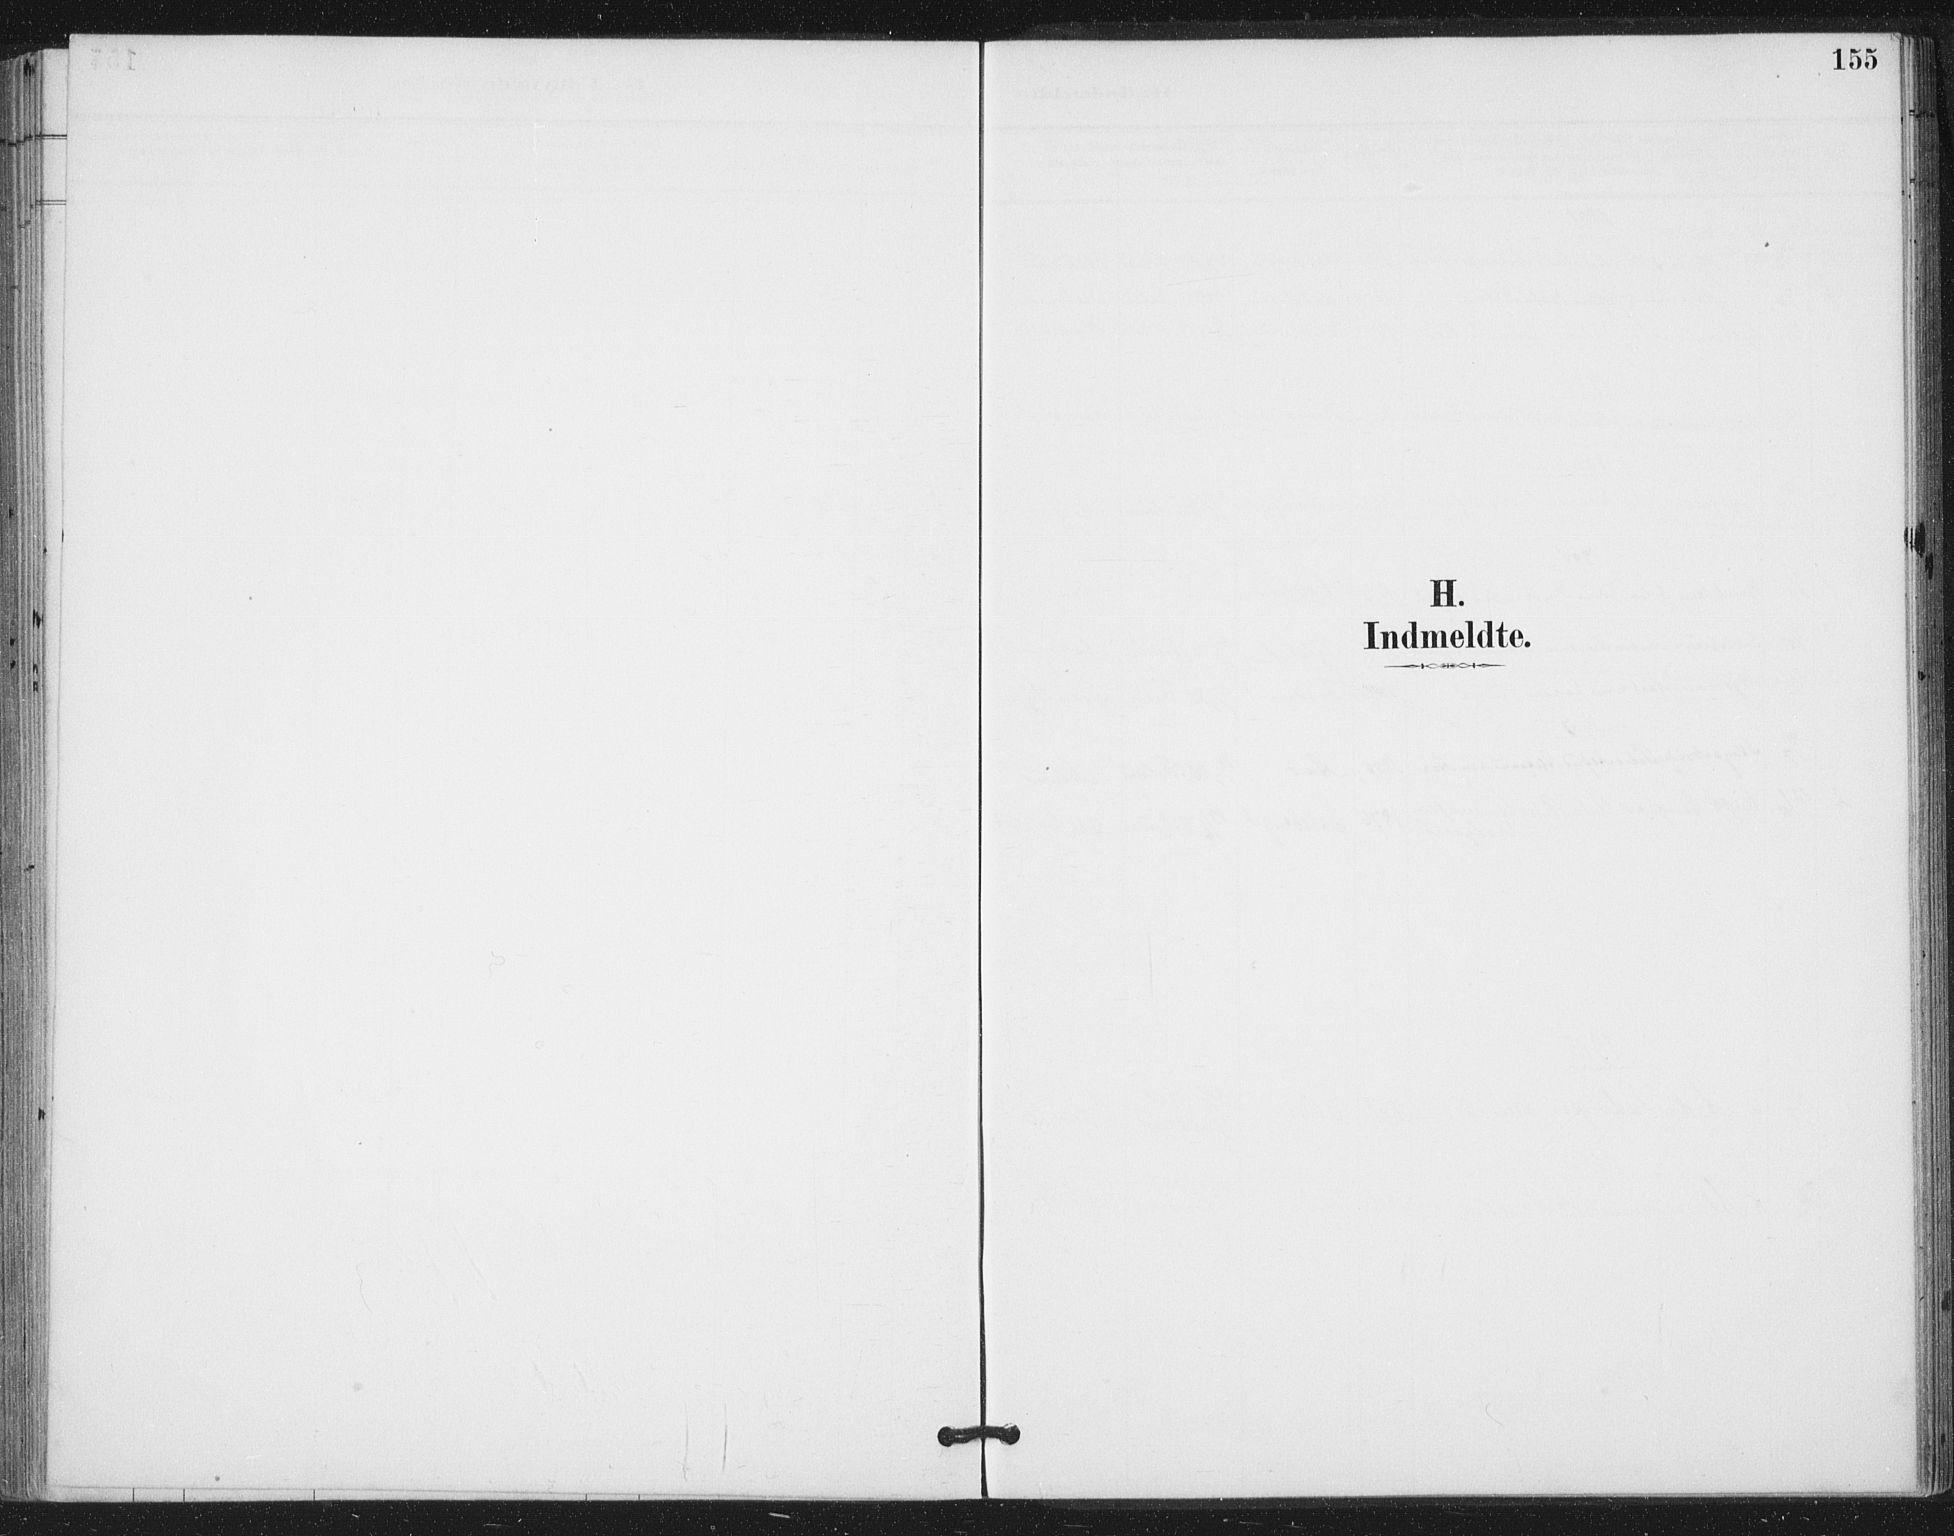 SAT, Ministerialprotokoller, klokkerbøker og fødselsregistre - Nord-Trøndelag, 783/L0660: Ministerialbok nr. 783A02, 1886-1918, s. 155